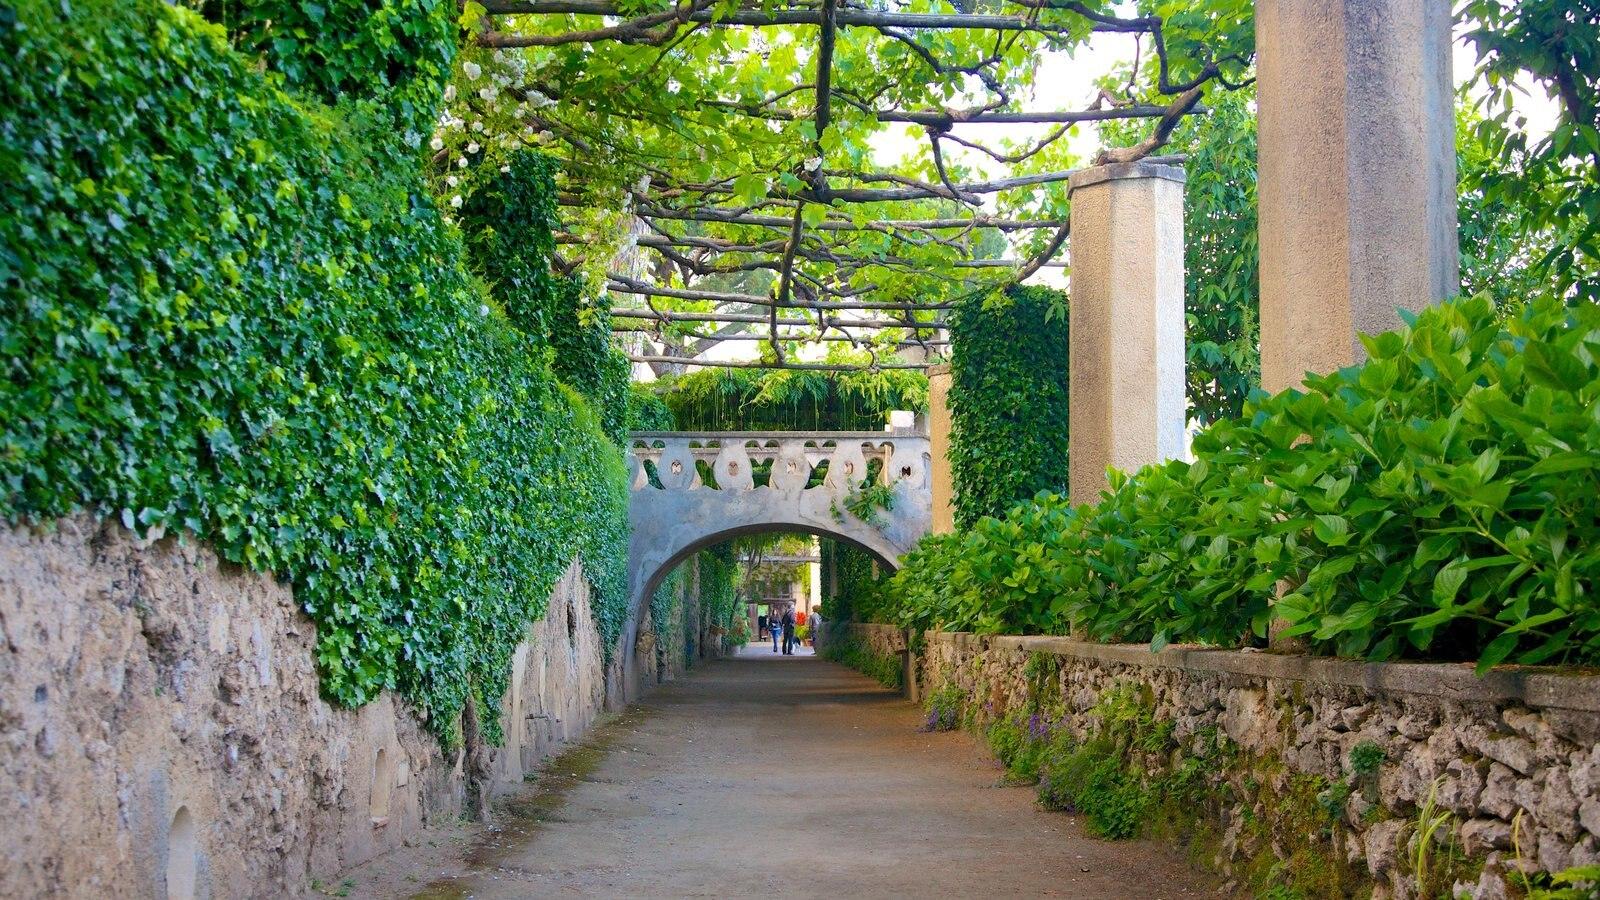 Costa de Amalfi que inclui um parque